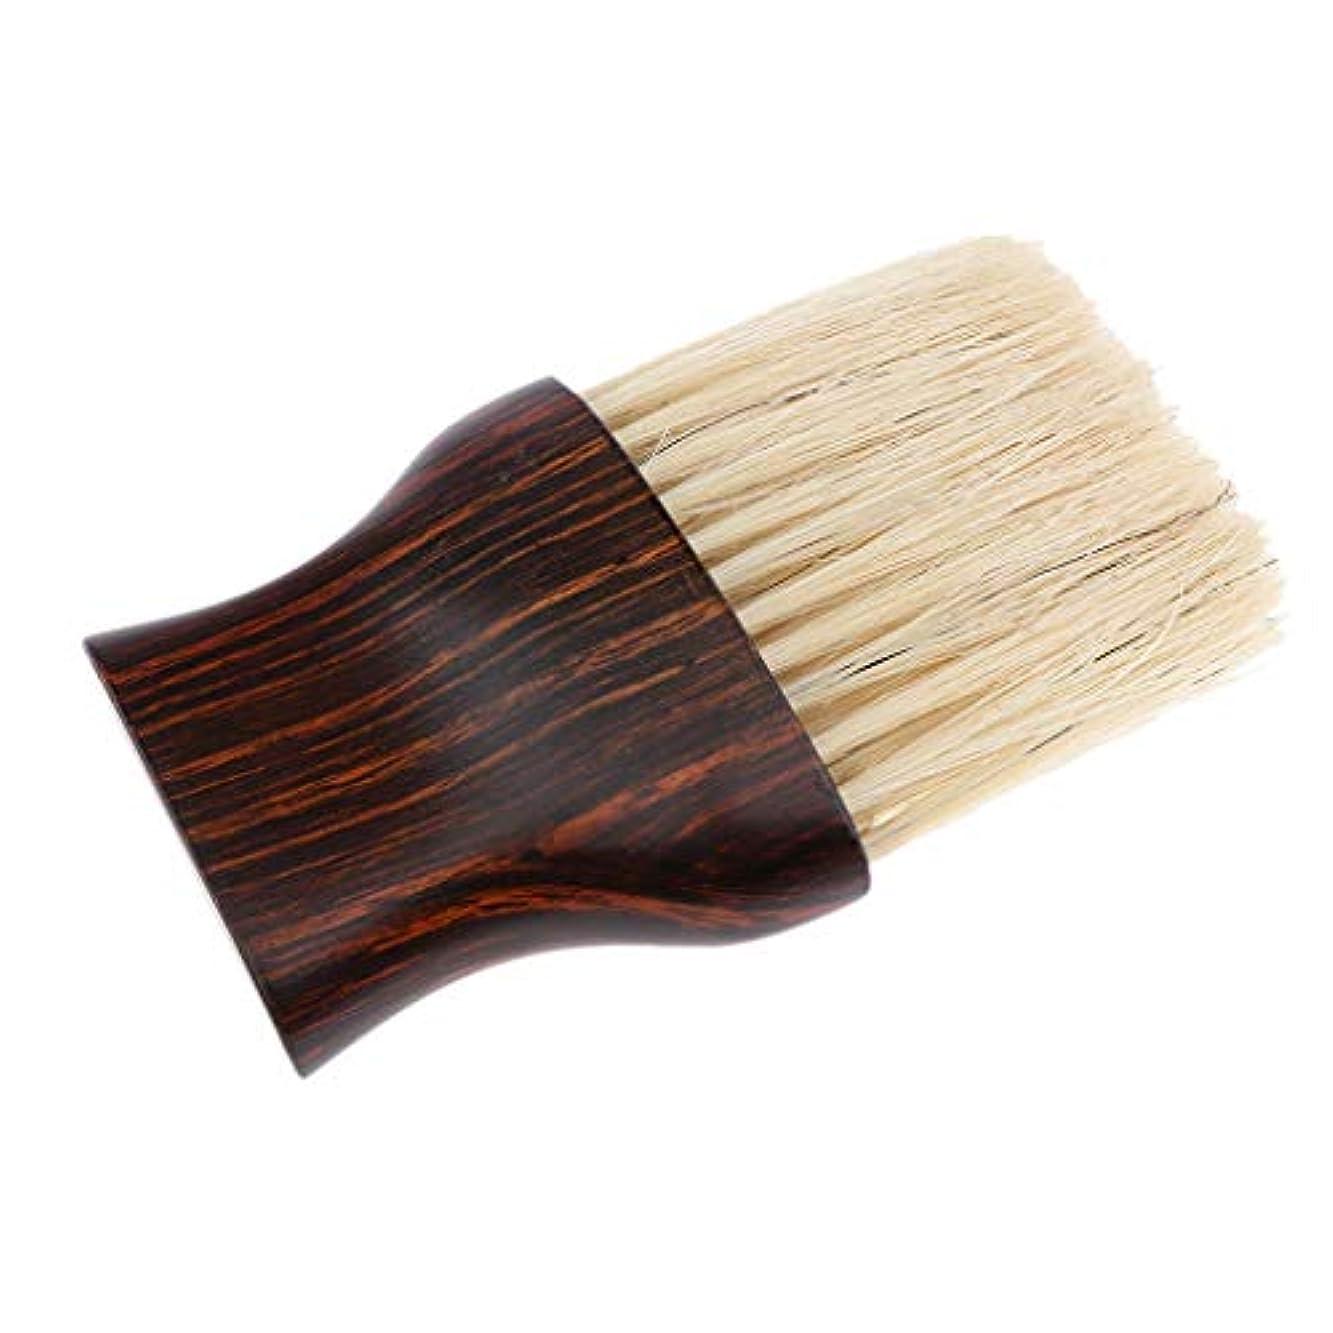 サイト蜂文字ヘアブラシ 毛払いブラシ 散髪 髪切り 散髪用ツール 床屋 理髪店 美容院 ソフトブラシ